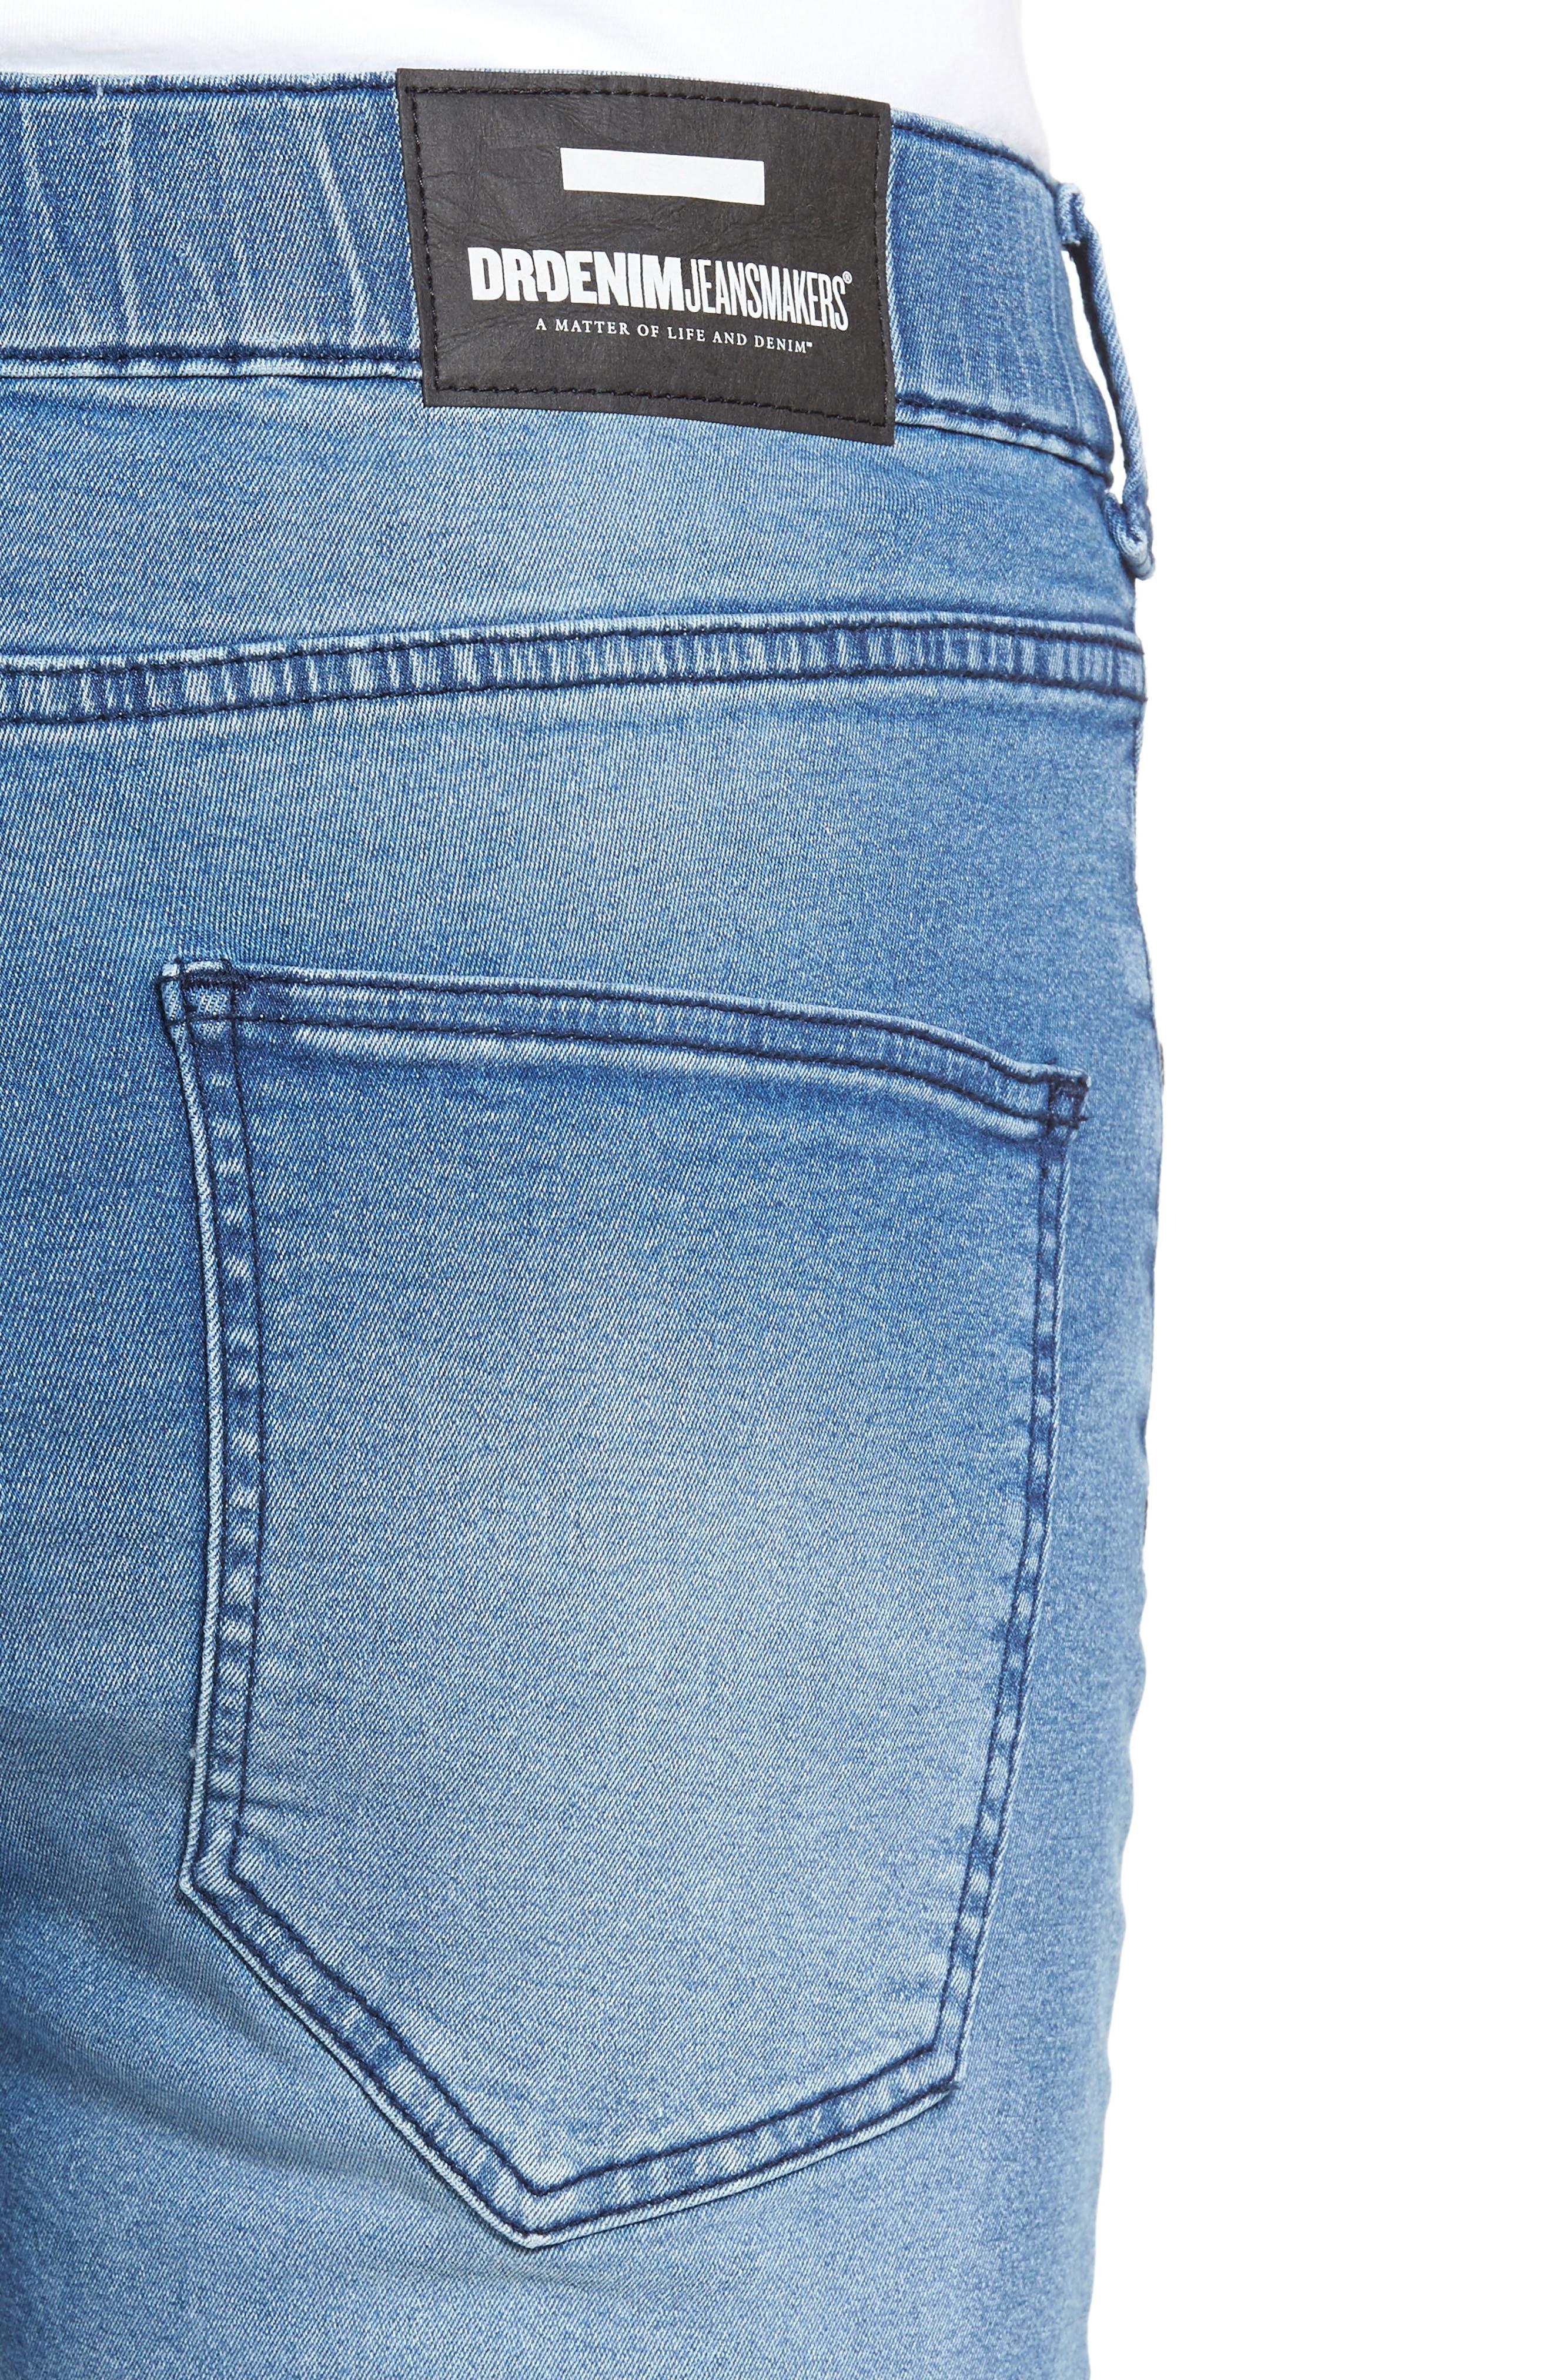 Leroy Slim Fit Jeans,                             Alternate thumbnail 4, color,                             400